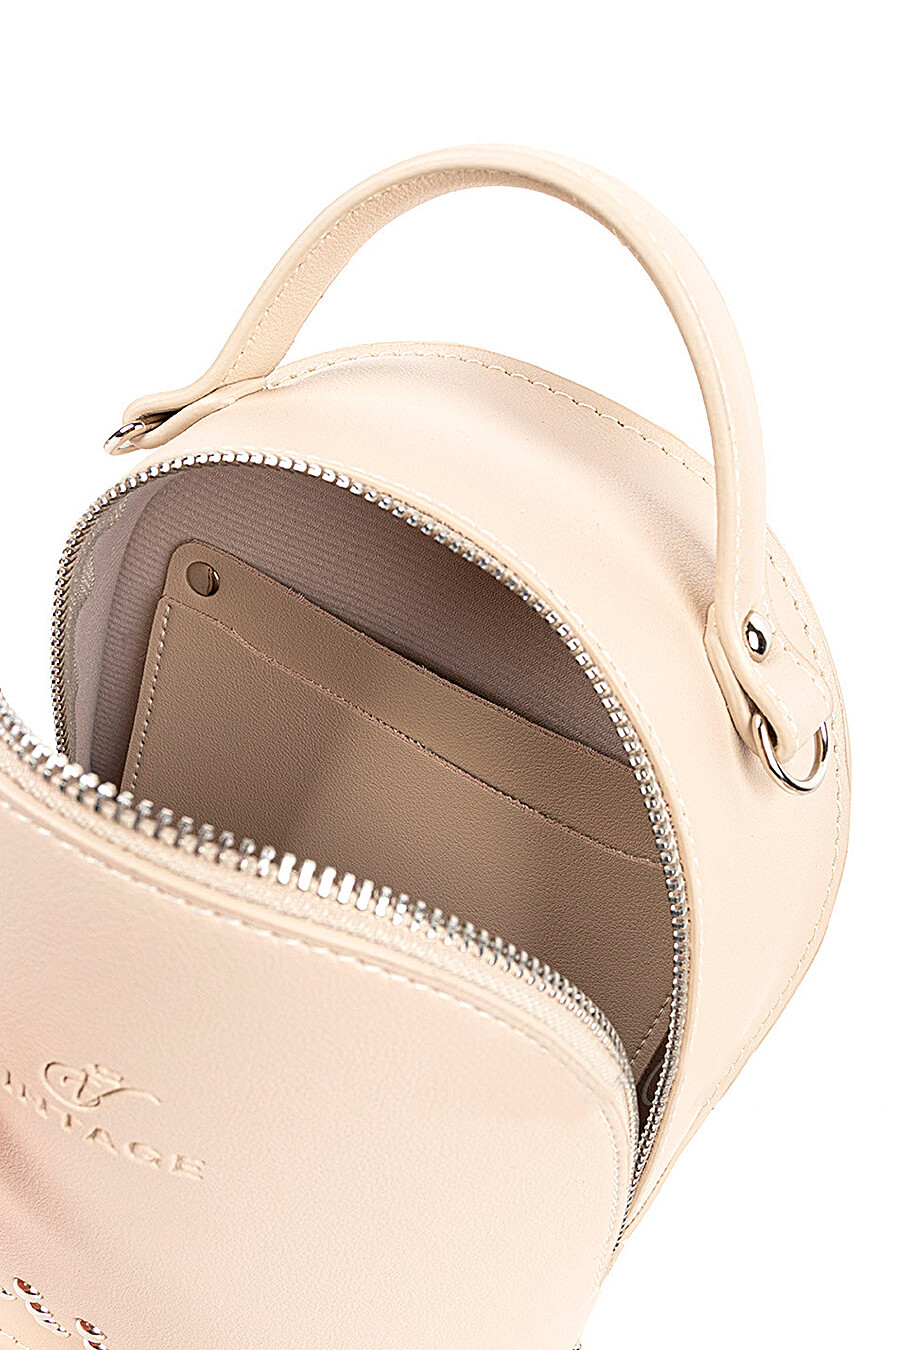 Сумка для женщин L-CRAFT 668315 купить оптом от производителя. Совместная покупка женской одежды в OptMoyo